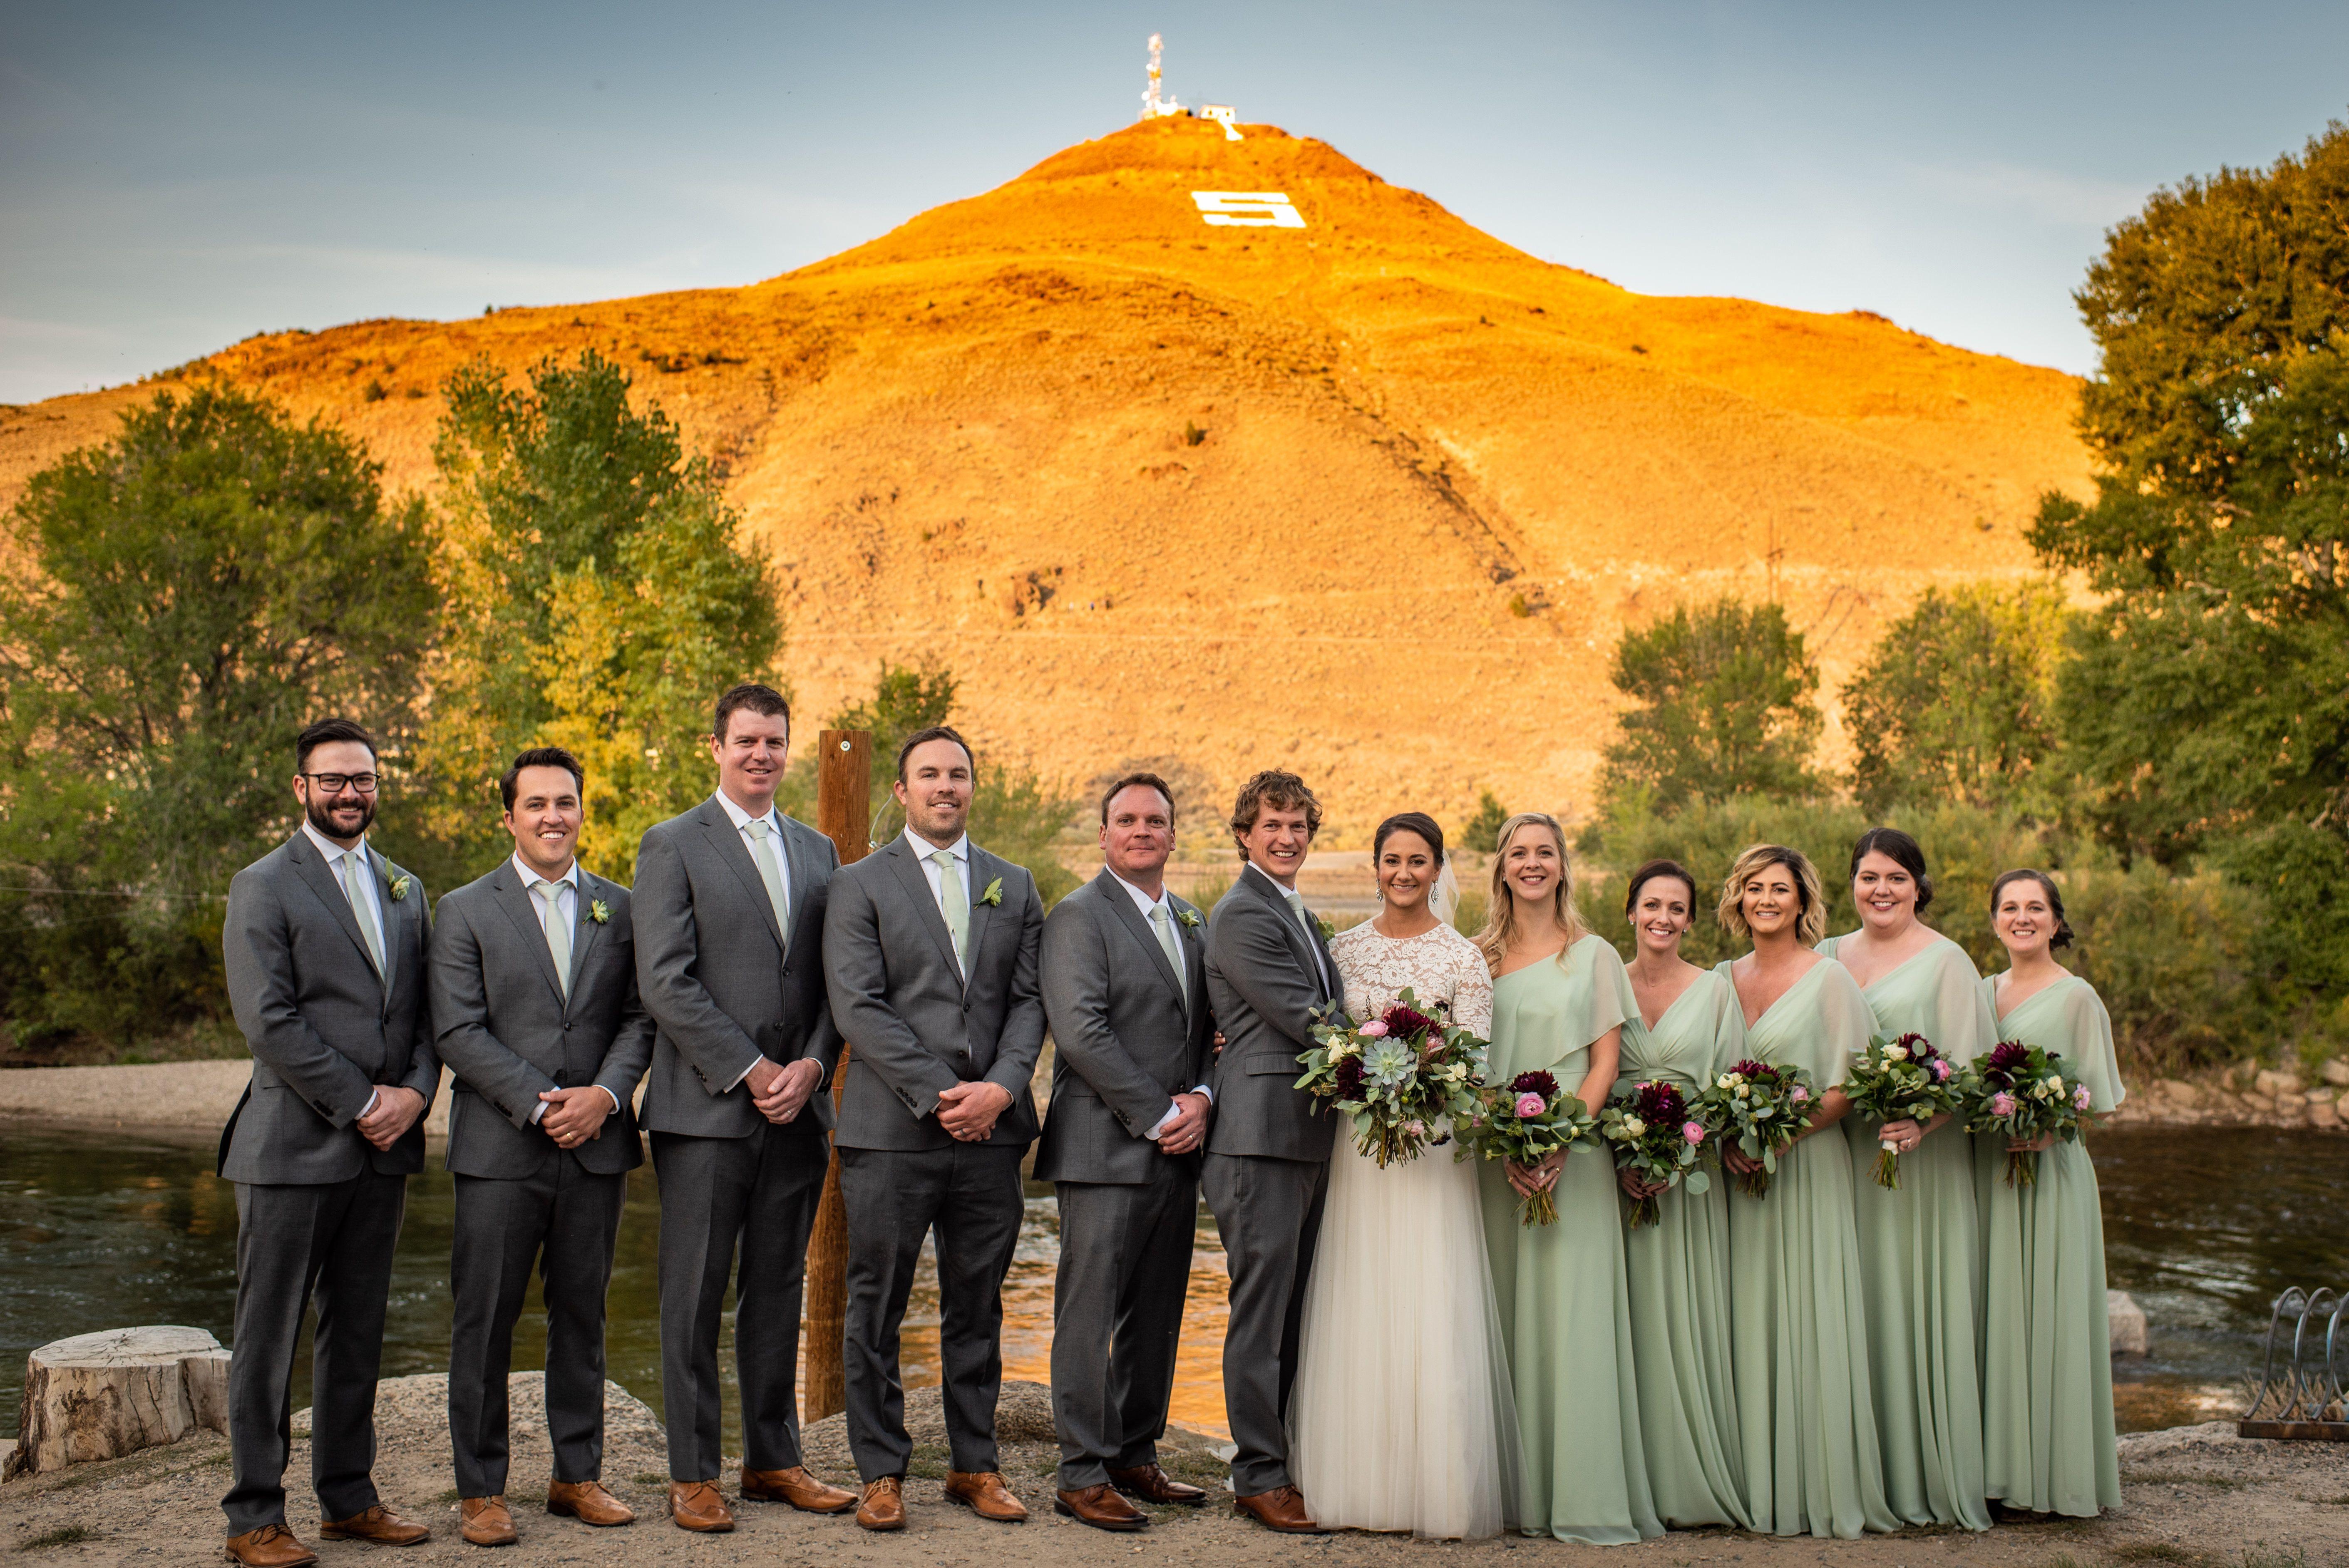 Colorado Destination Wedding | SteamPlant Event Center